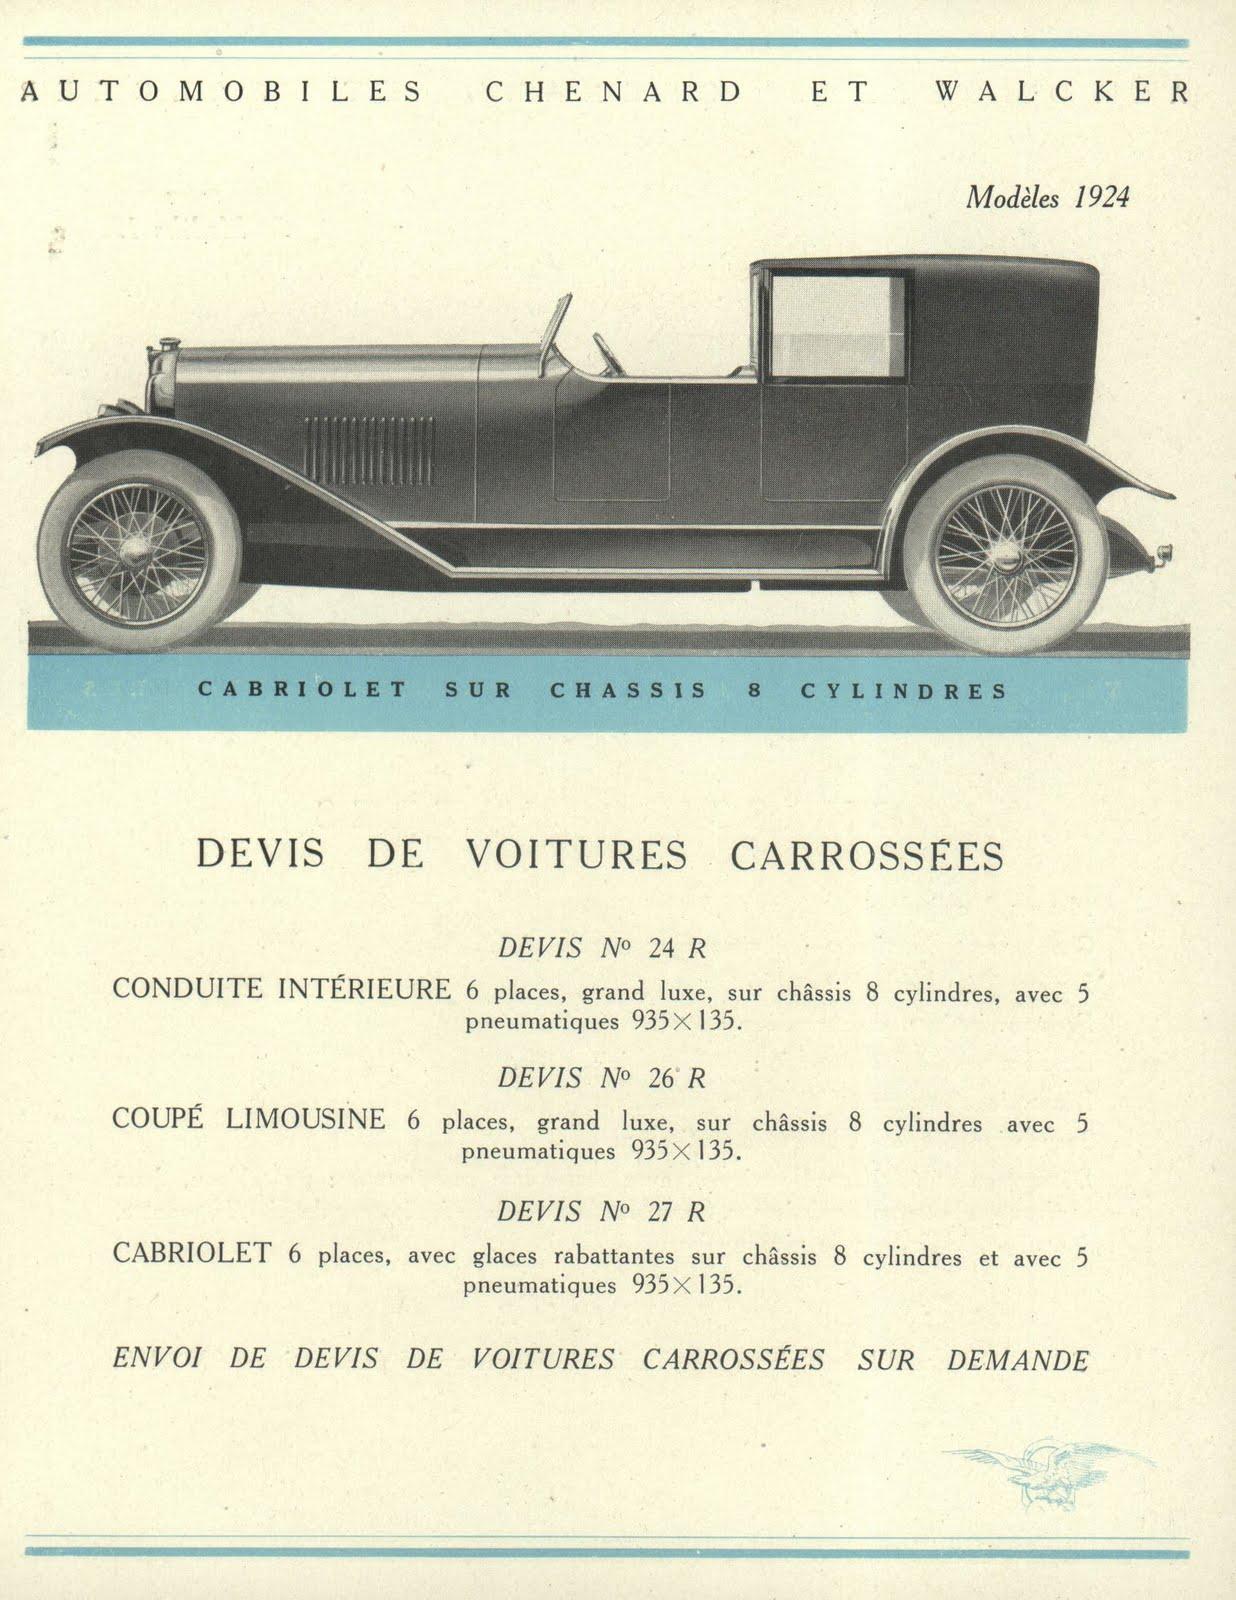 vieux papiers chenard et walcker  catalogue 1924